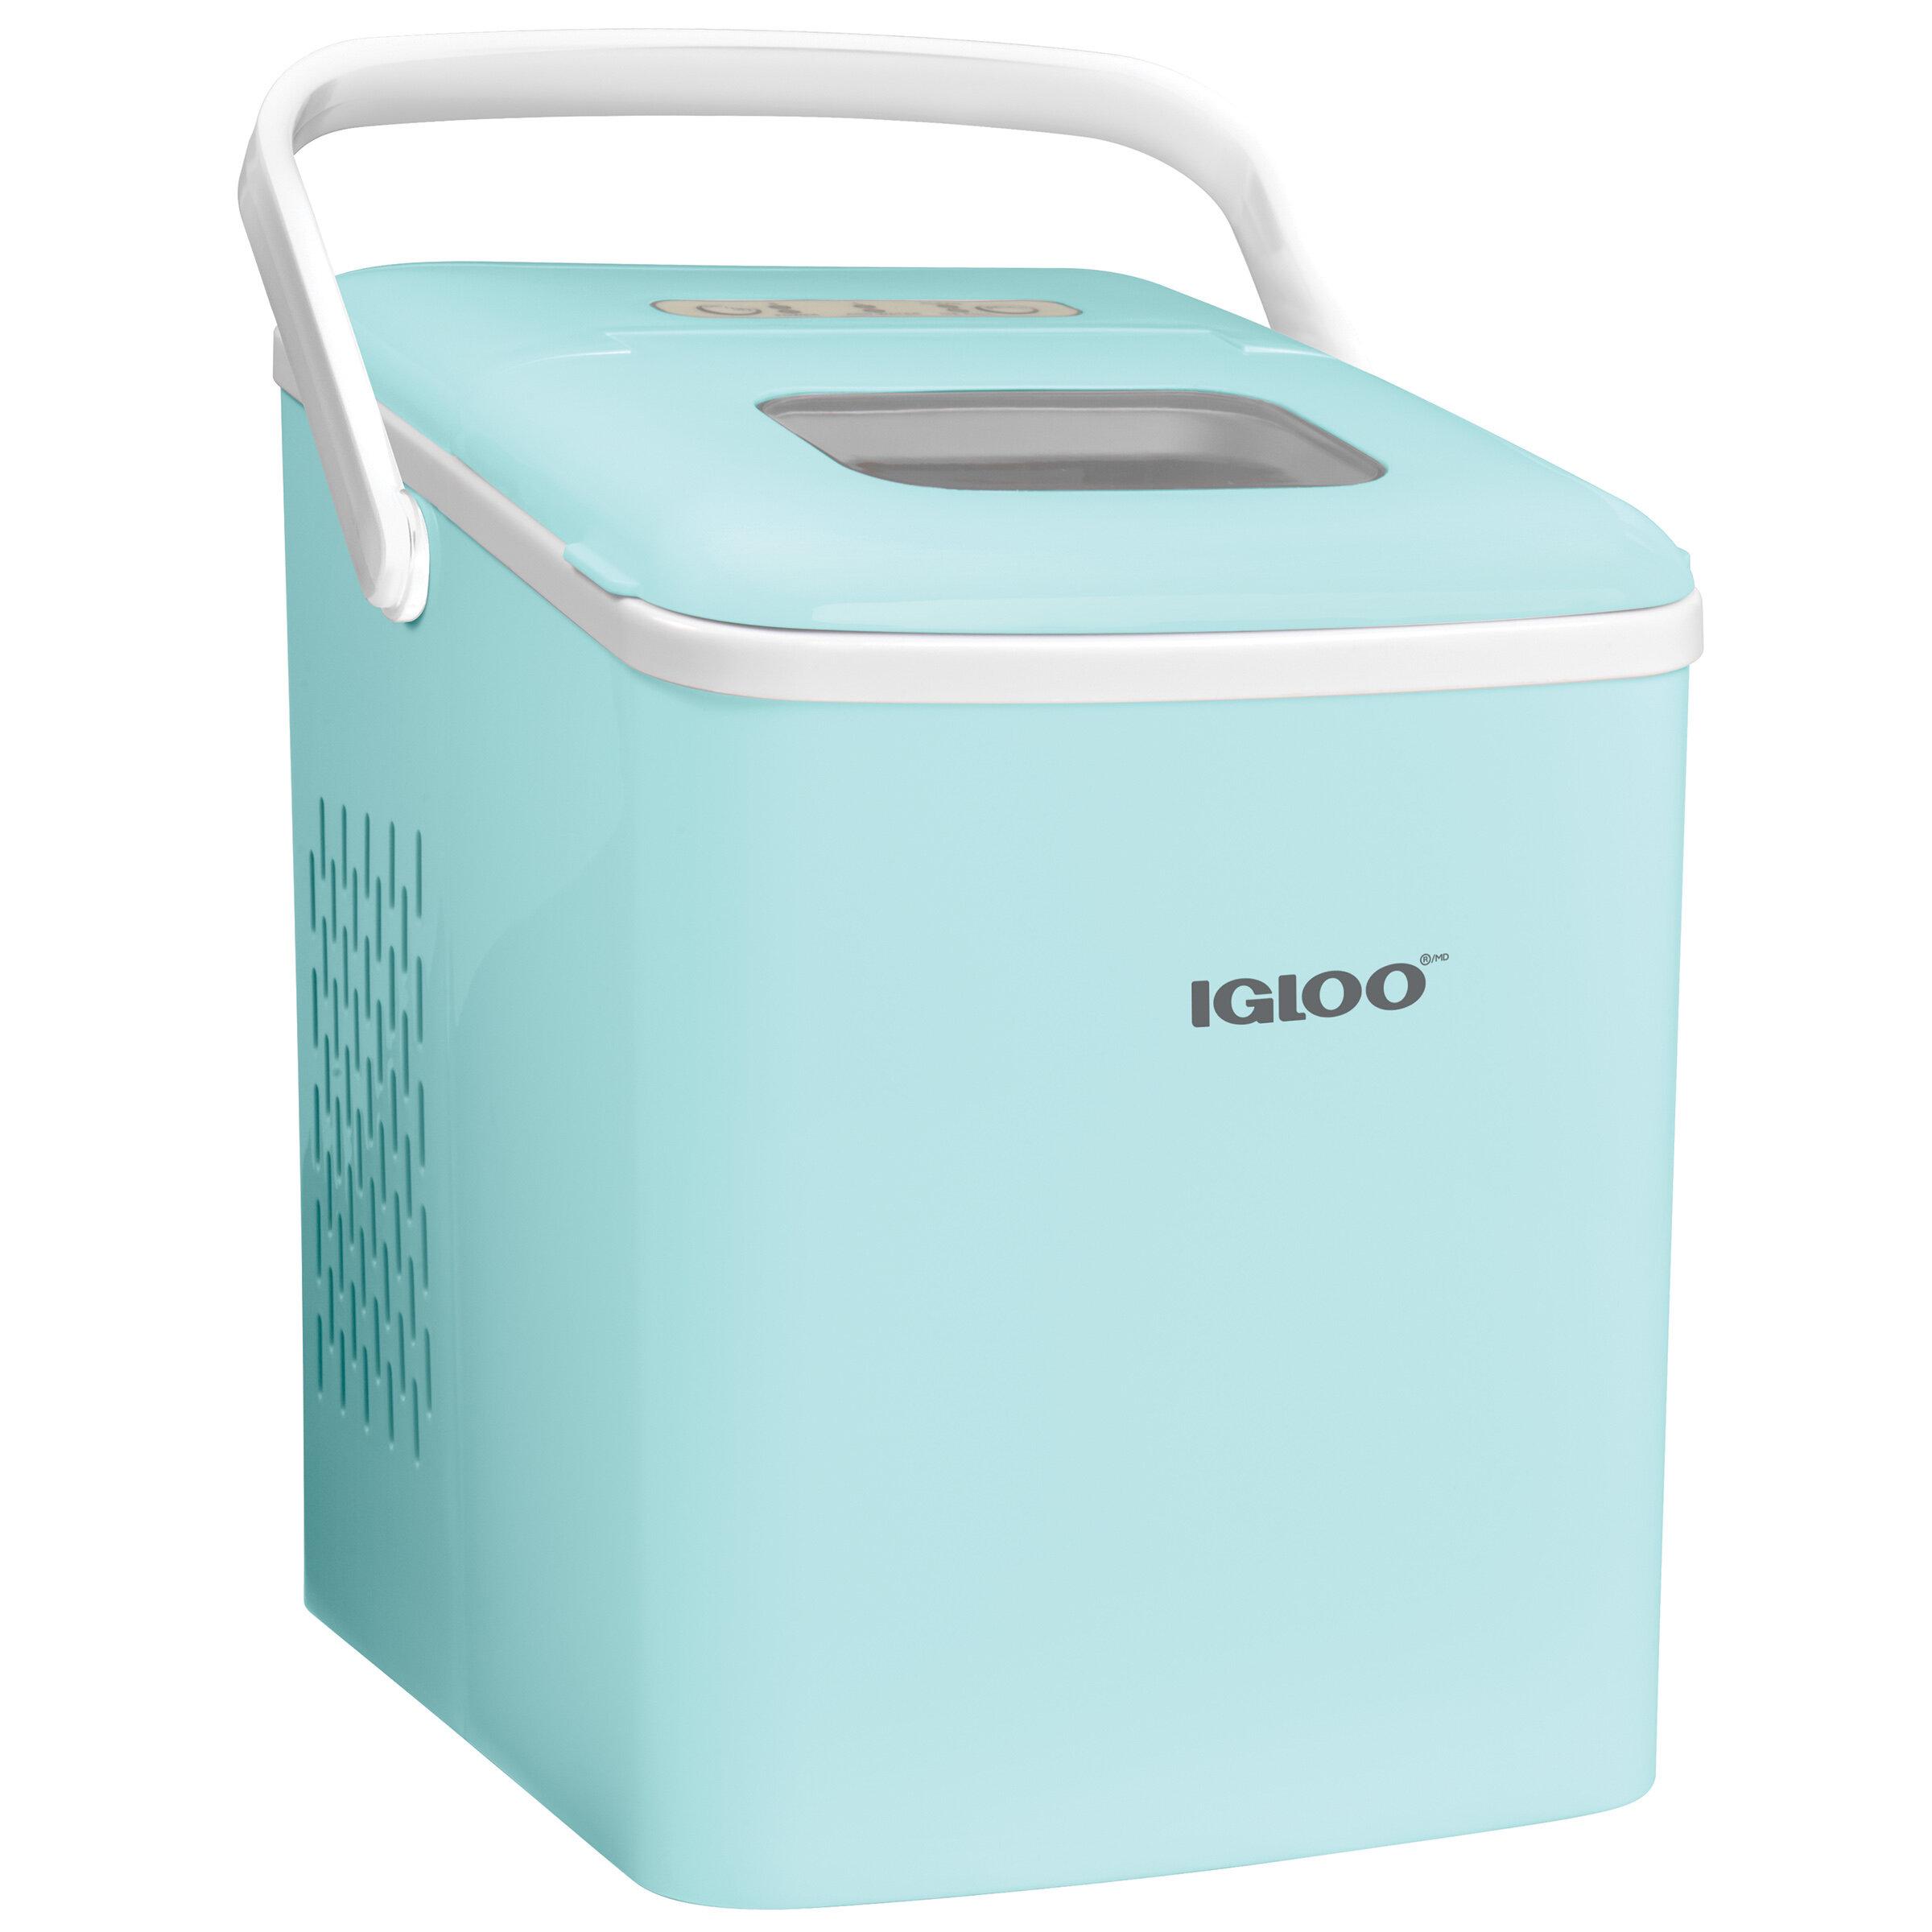 Portable Countertop Ice Maker Machine